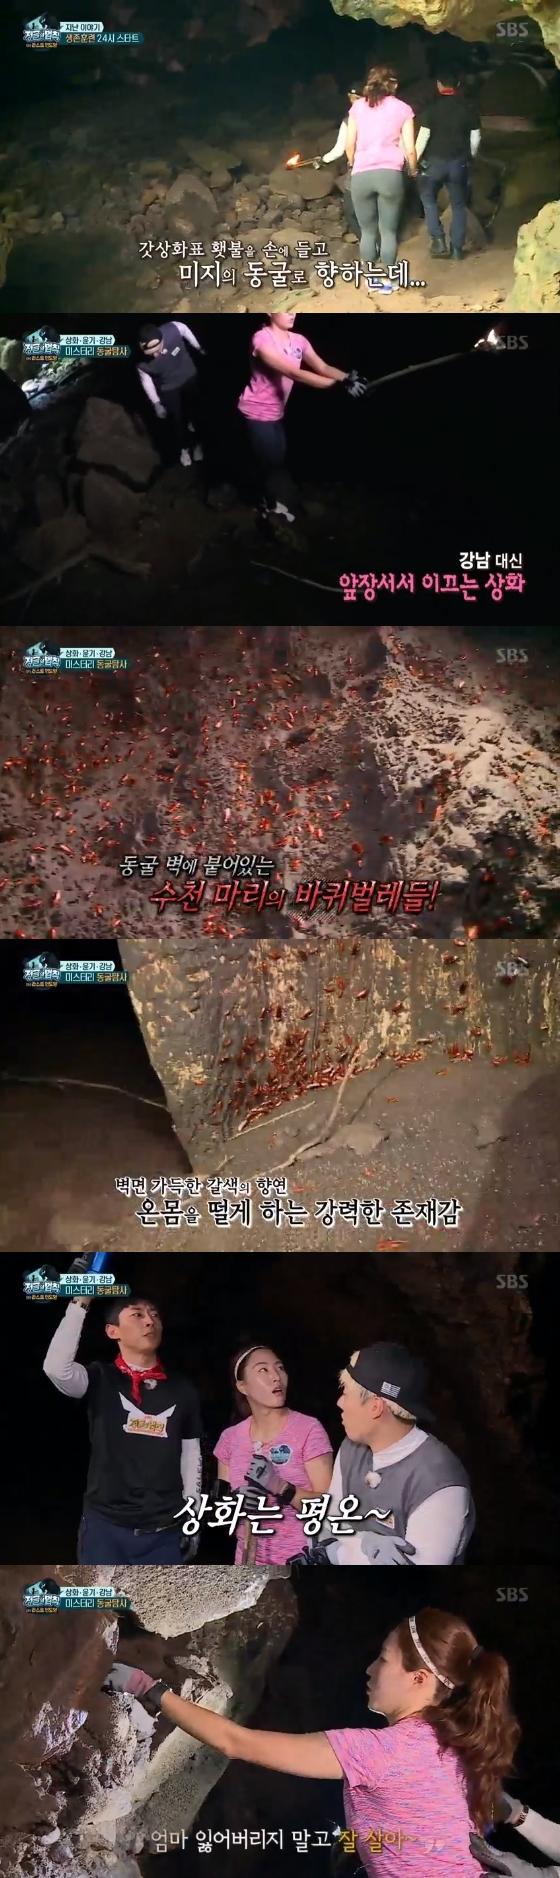 '스피드스케이팅 여제' 이상화, 강남과 열애설 '정글인연' 이어졌나